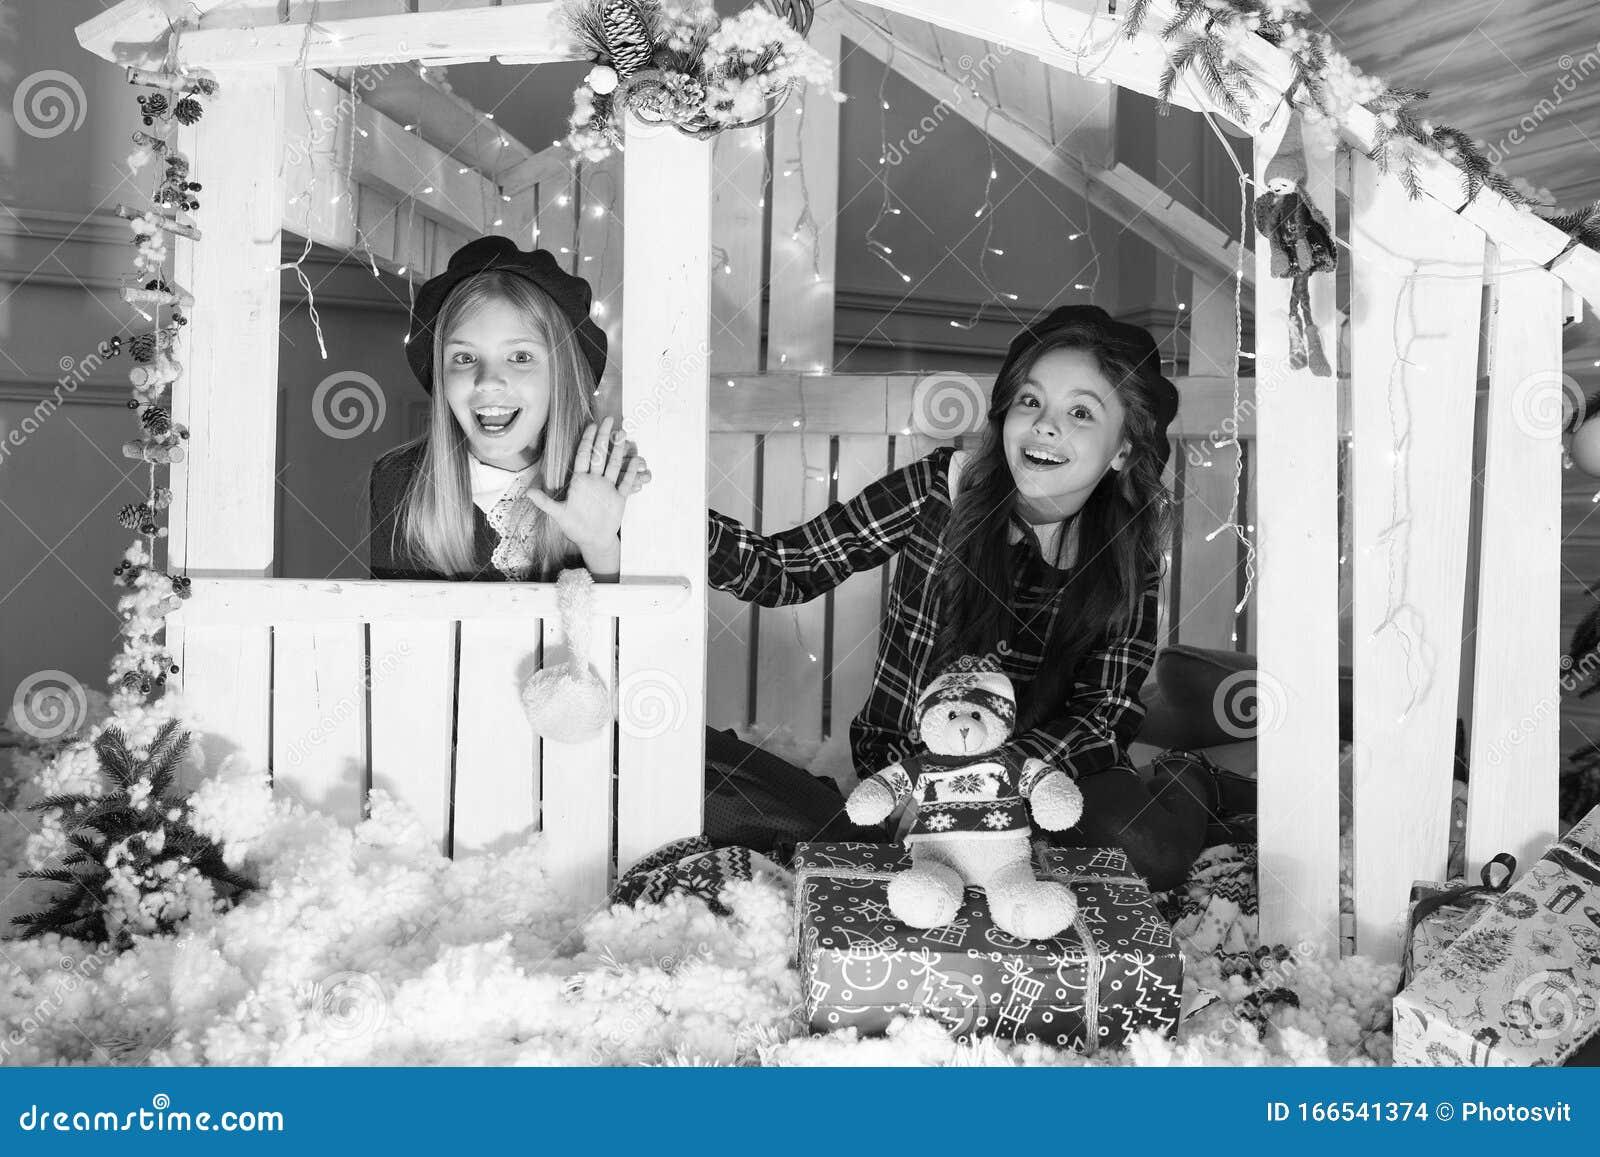 Weihnachtsgeschenk Überraschung mit spielzeug Für kinder